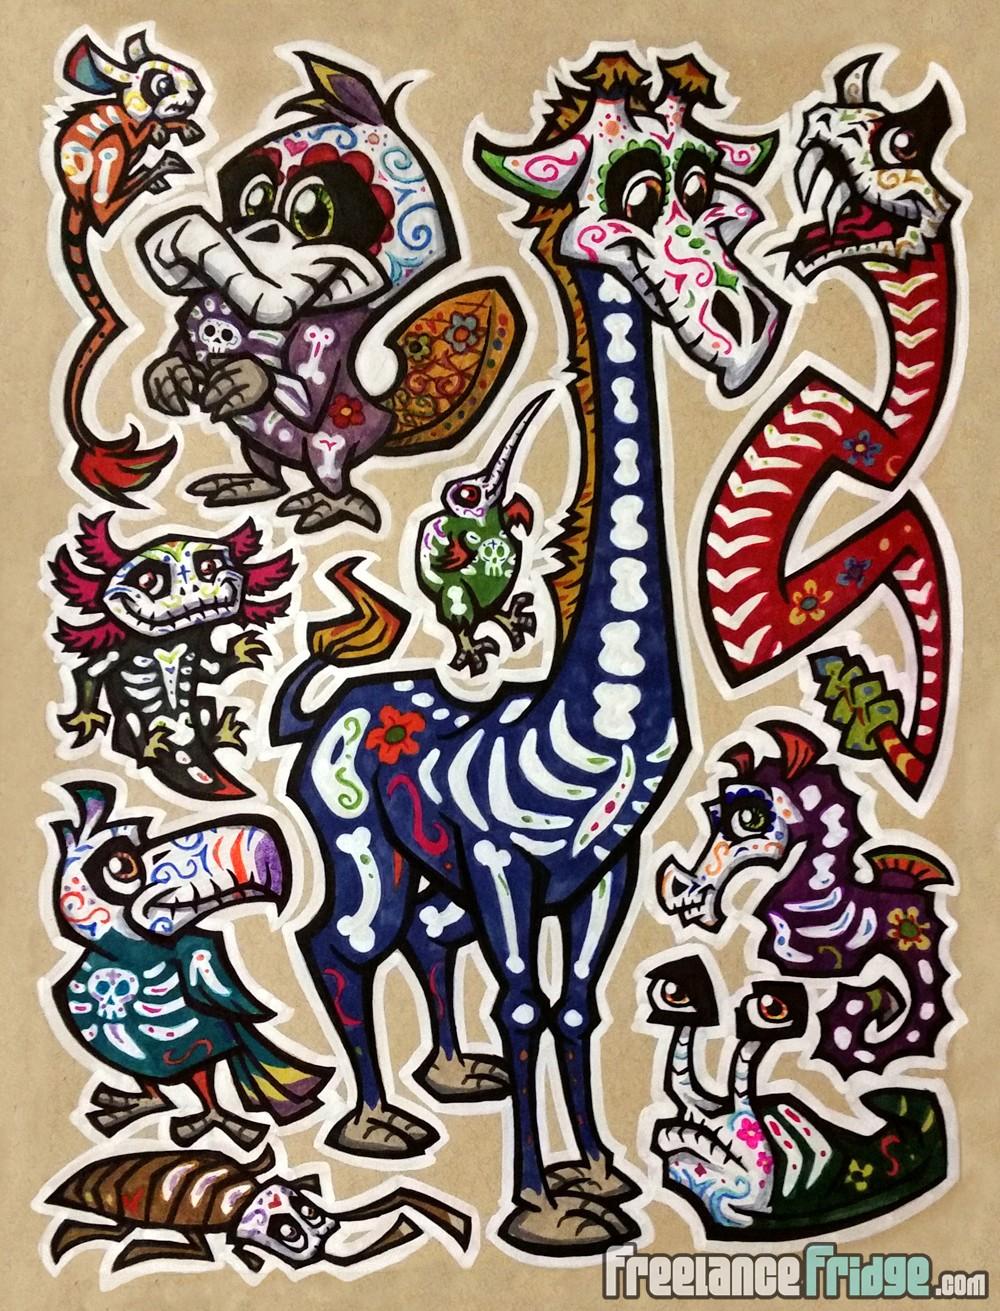 Day of the dead style cartoon giraffe platypus slug seahorse toucan kiwi bird axolotl kangaroo rat rattlesnake